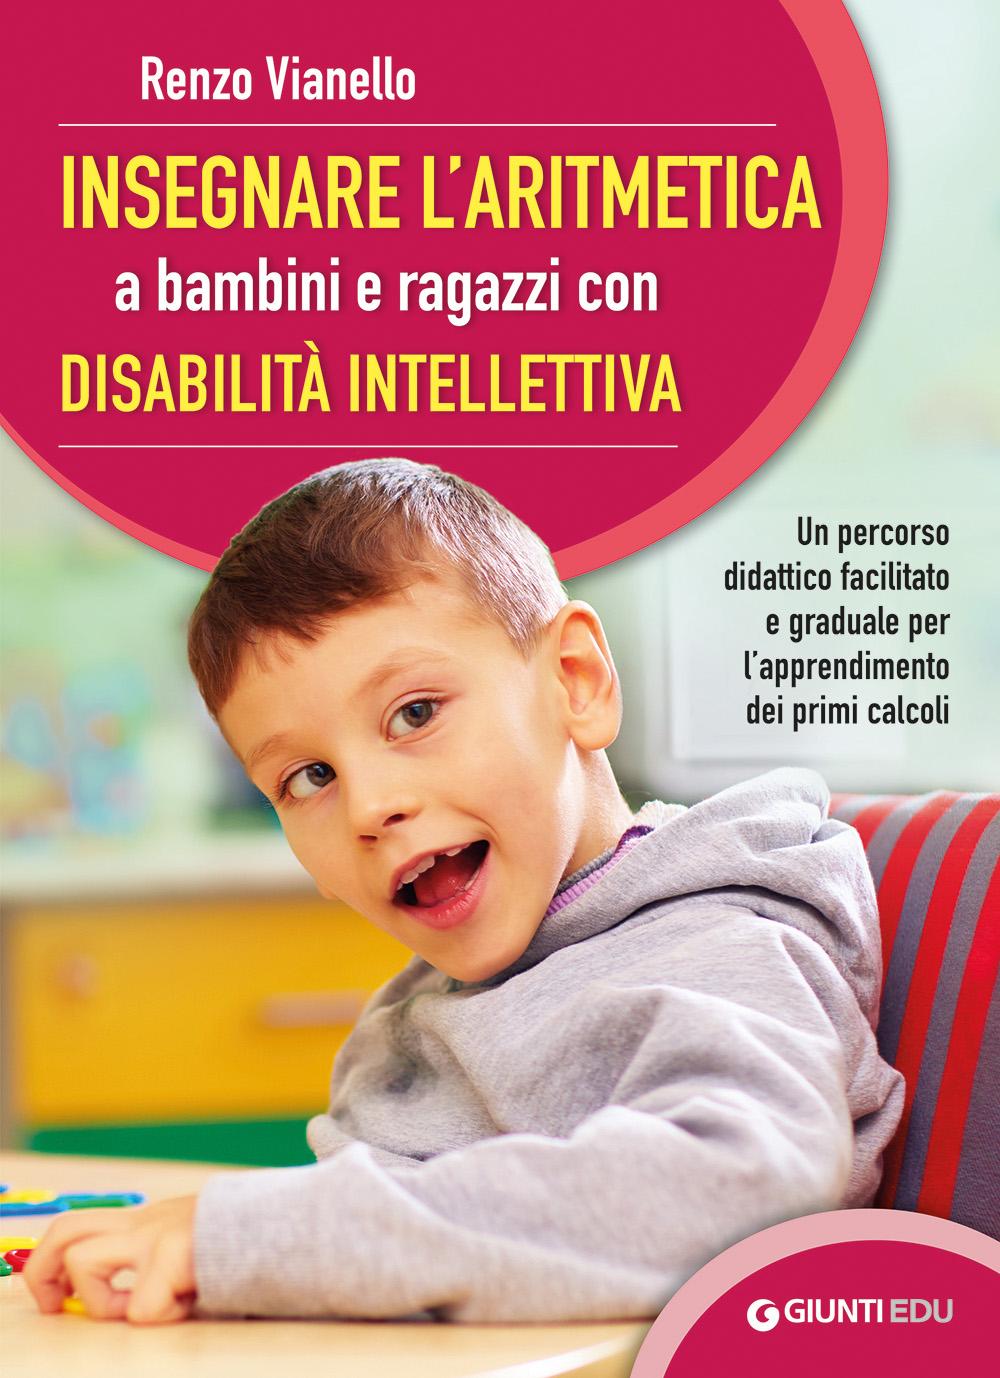 Insegnare l'aritmetica a bambini e ragazzi con disabilità intellettiva